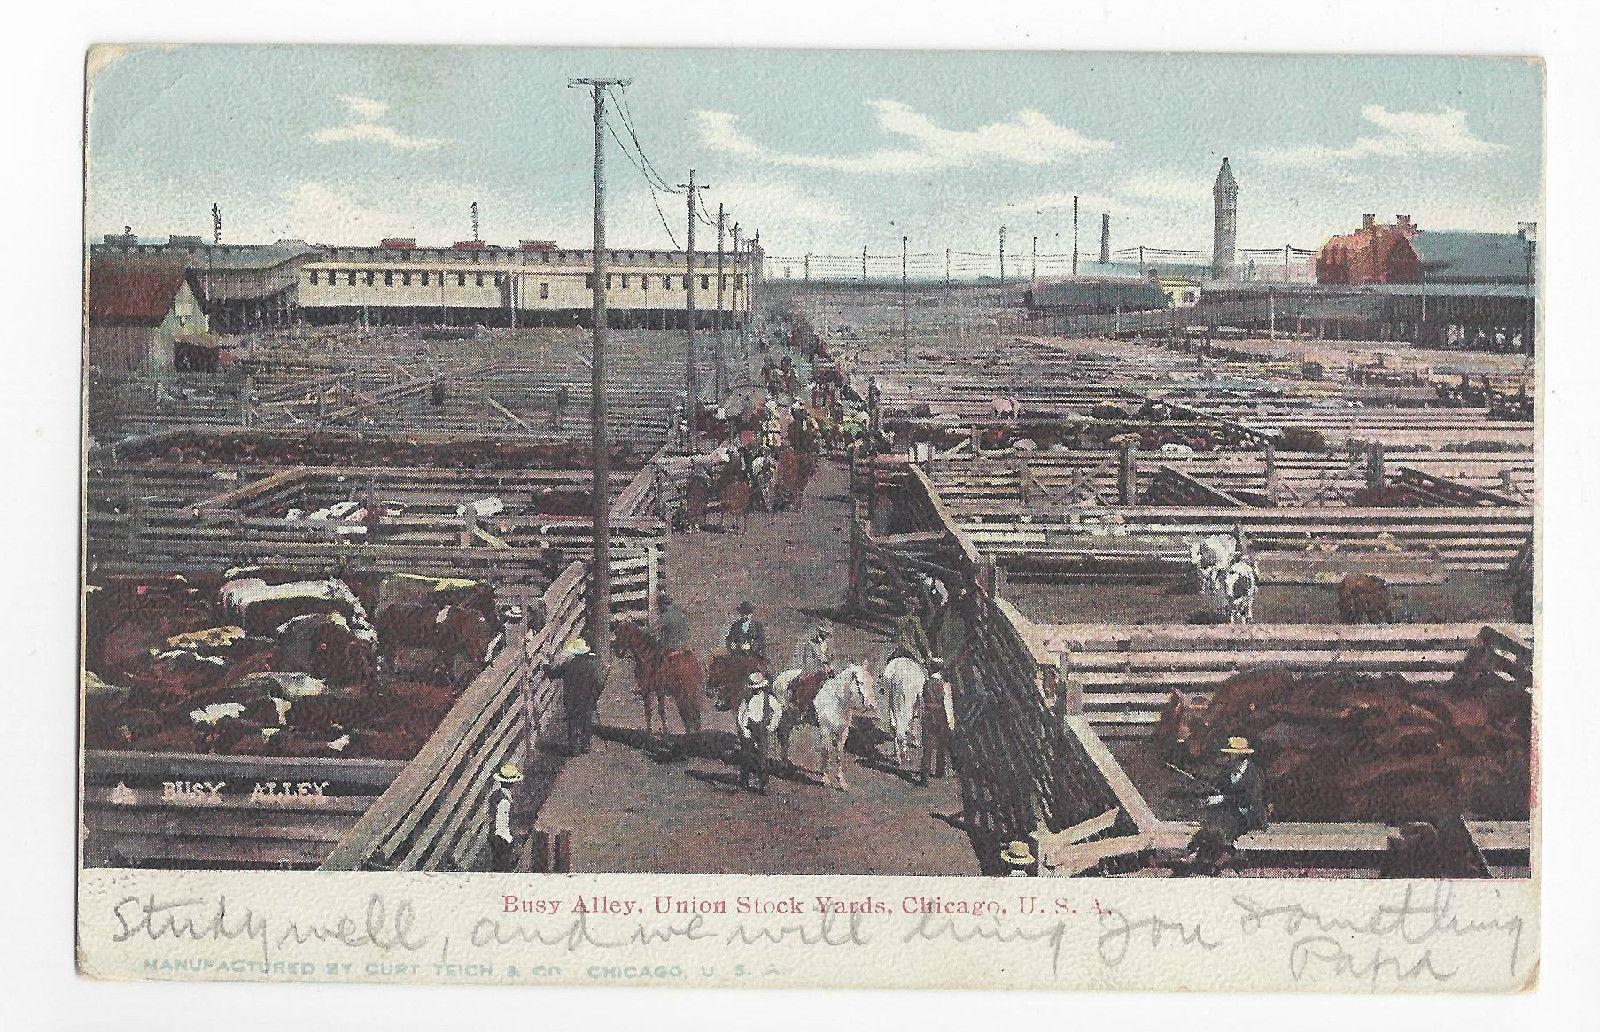 Union Stock Yard Chicago Illinois Busy Alley 1905 Curt Teich UDB Postcard IL - $7.56